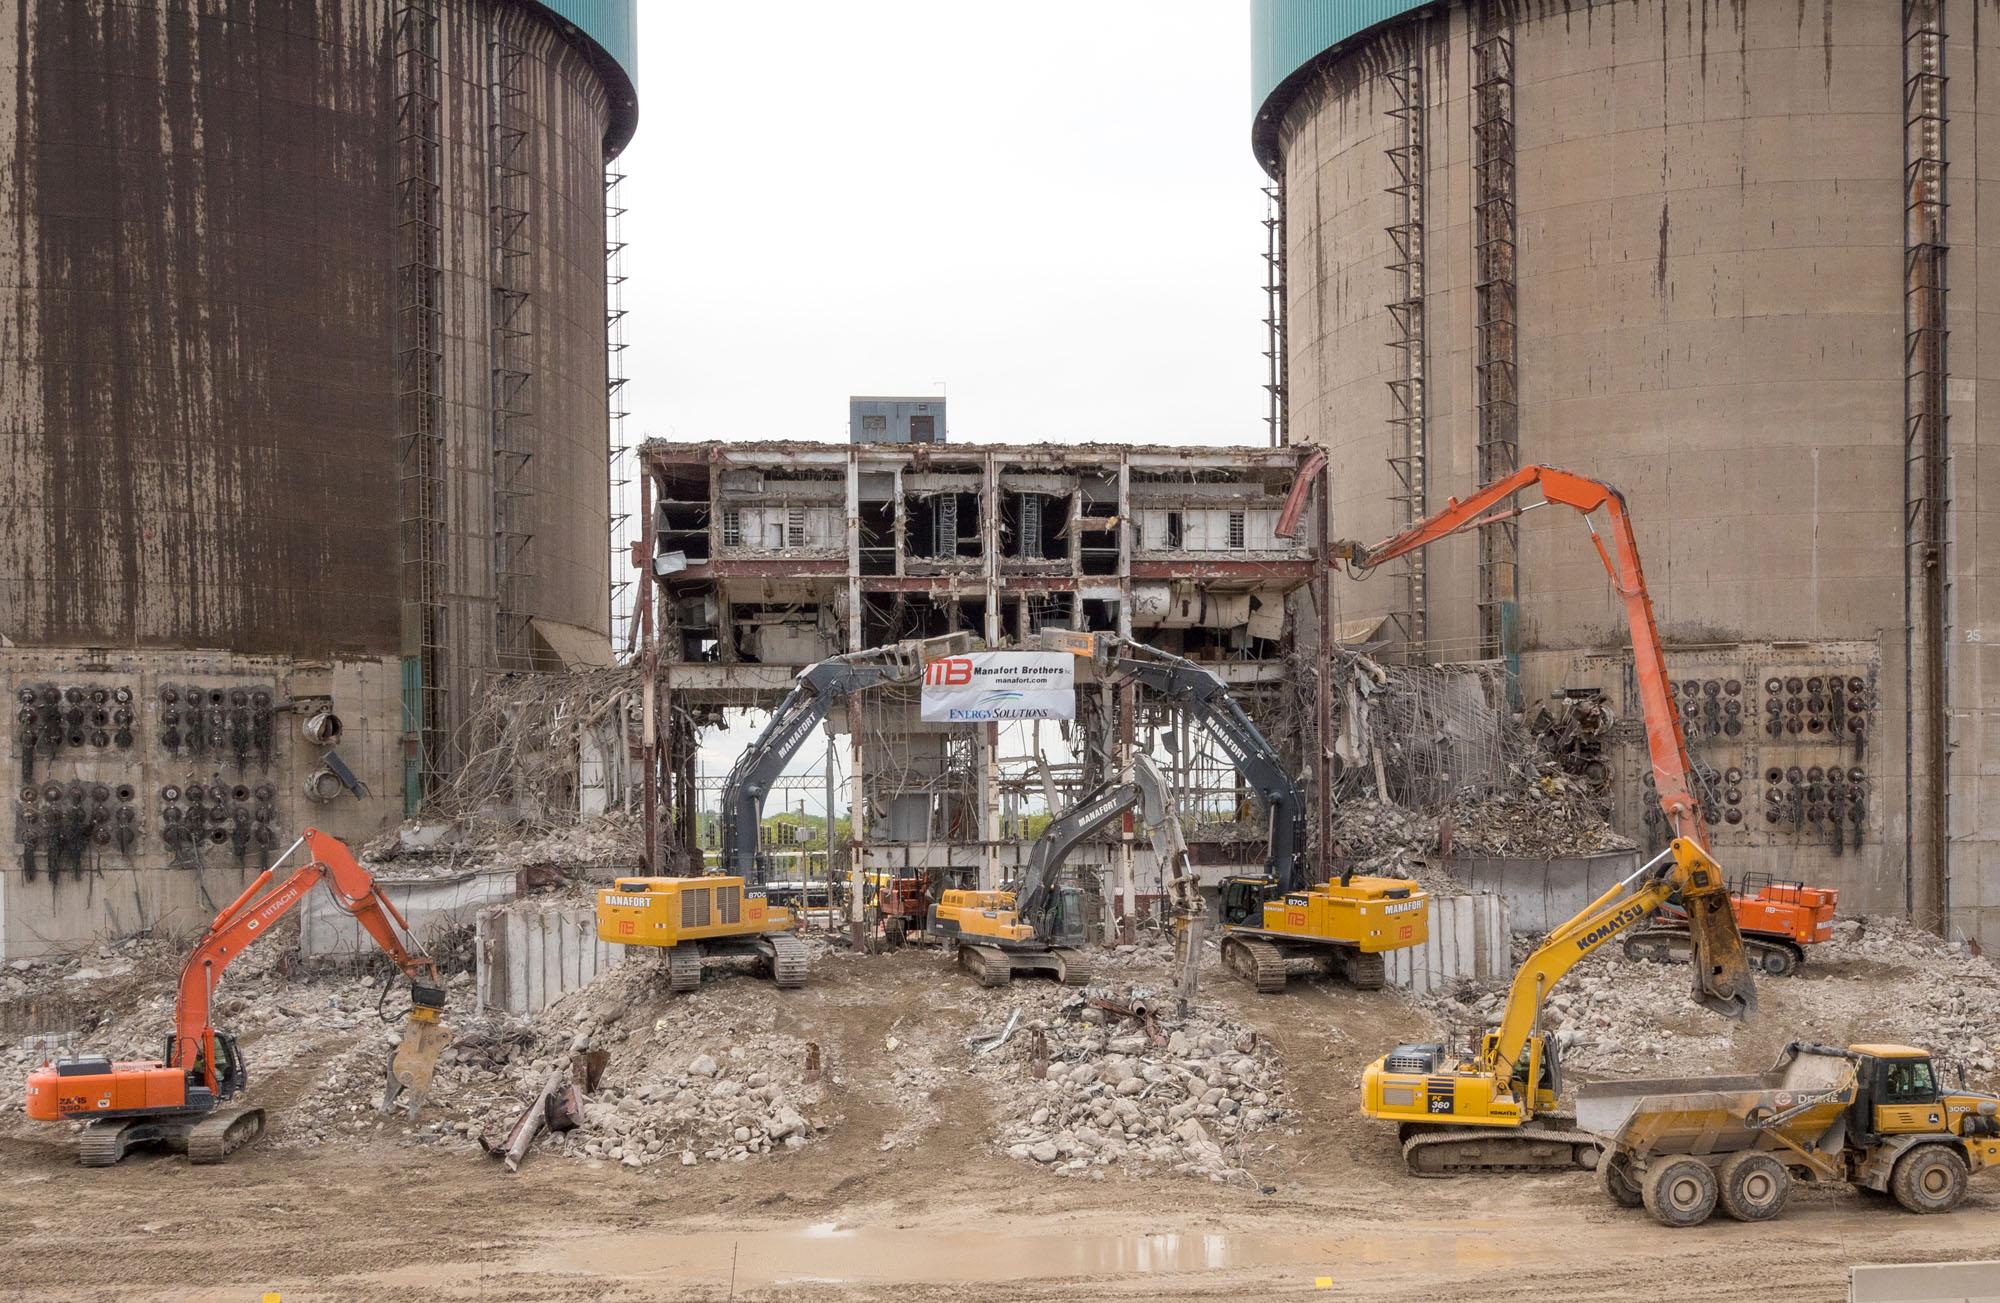 Indeco demolisce la centrale di Zion -  -Attualità Construction Notizie - MC5.0-Macchine Cantieri